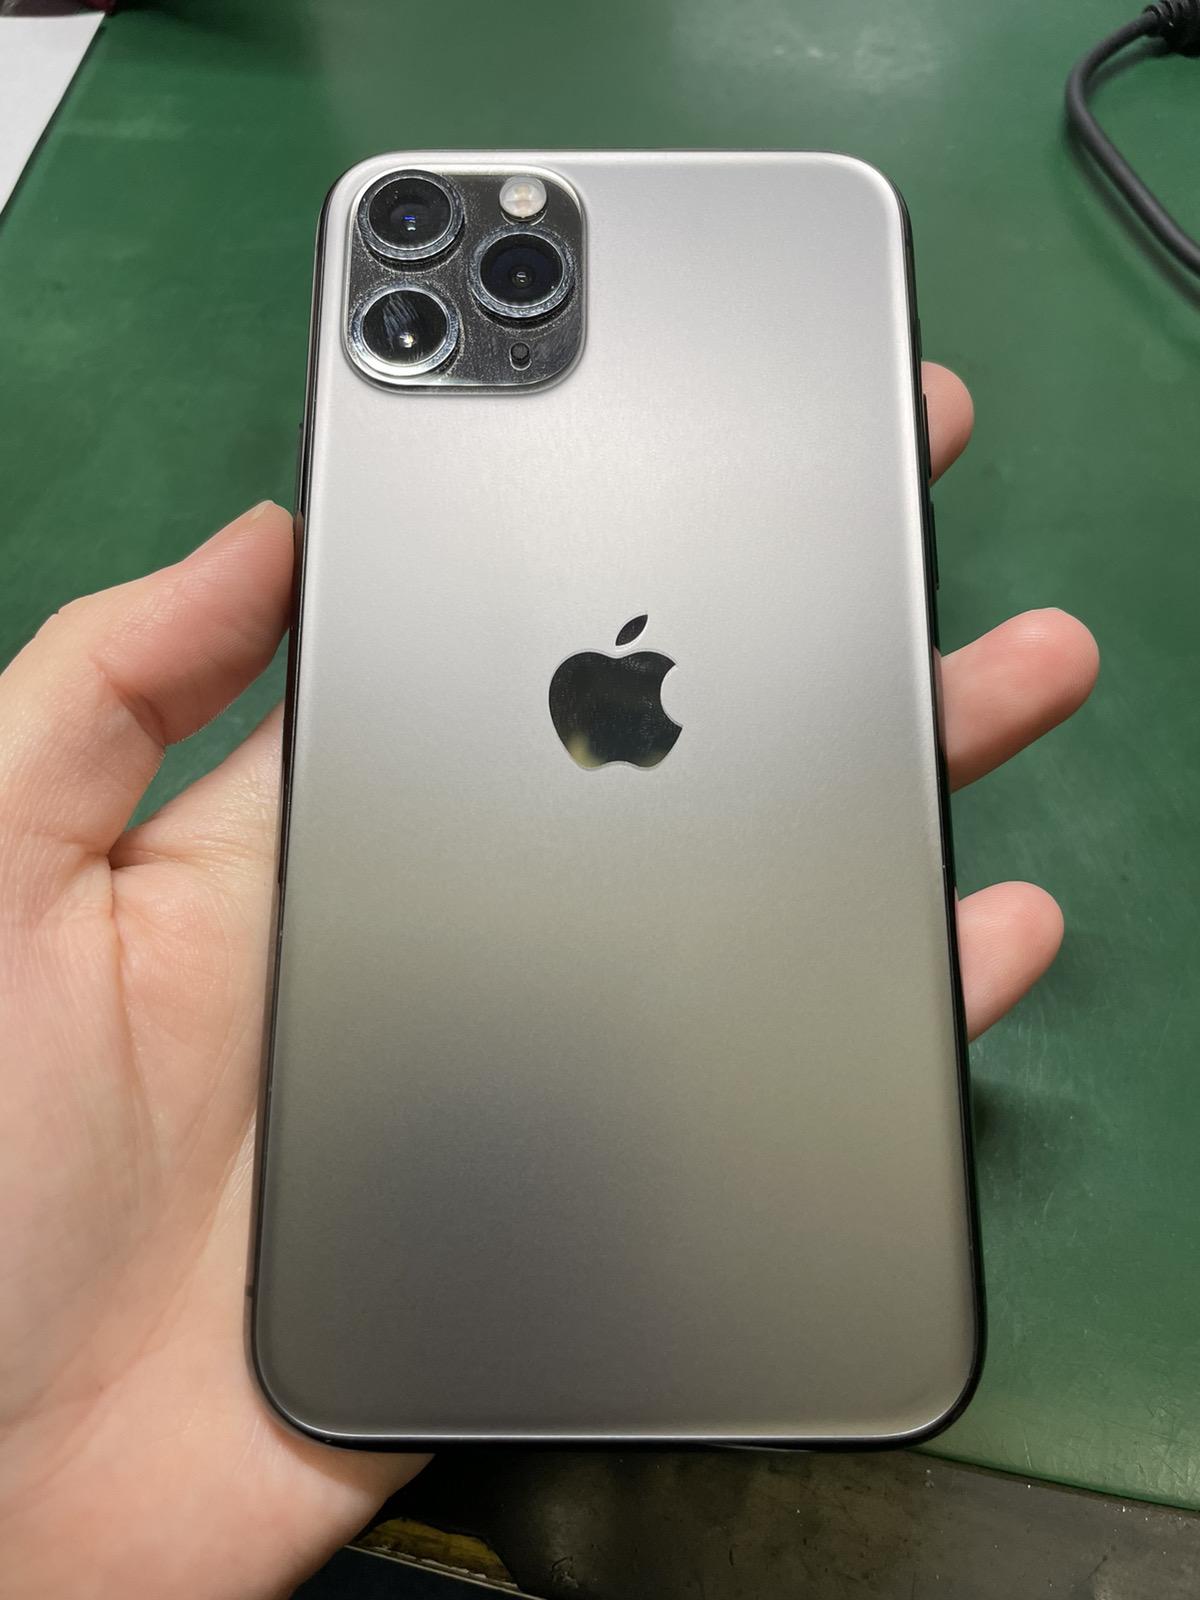 iPhone11Pro 256GB スペースグレー SoftBank△ 中古品